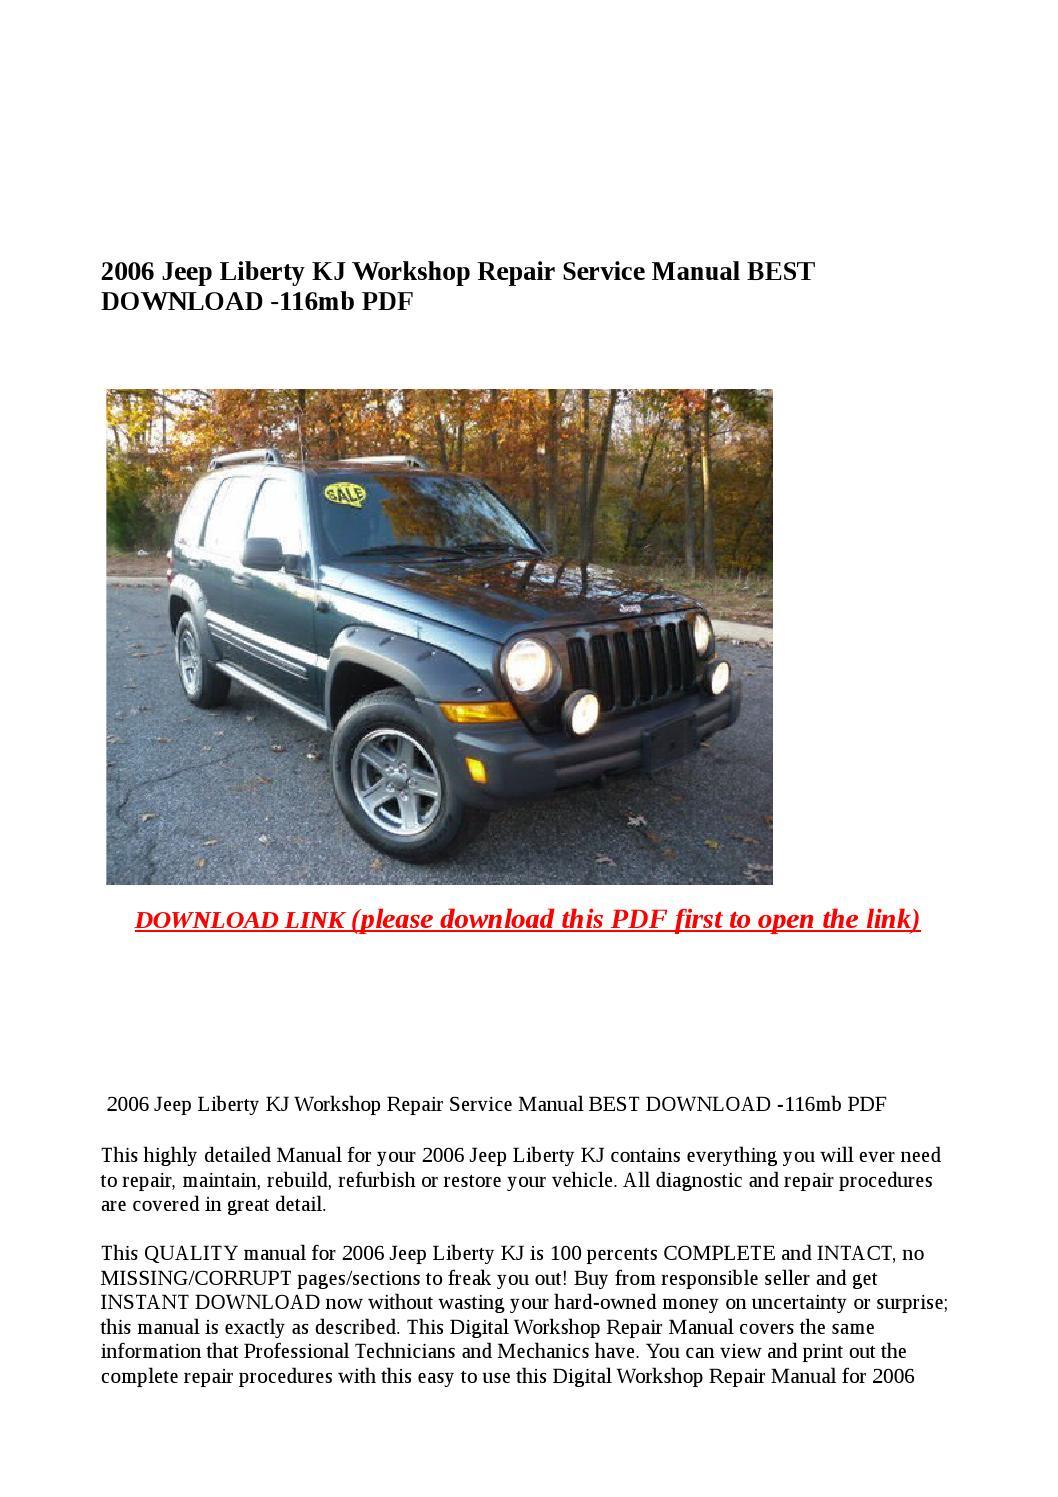 2006 jeep liberty kj workshop repair service manual best download 116mb pdf  by buhbu - issuu